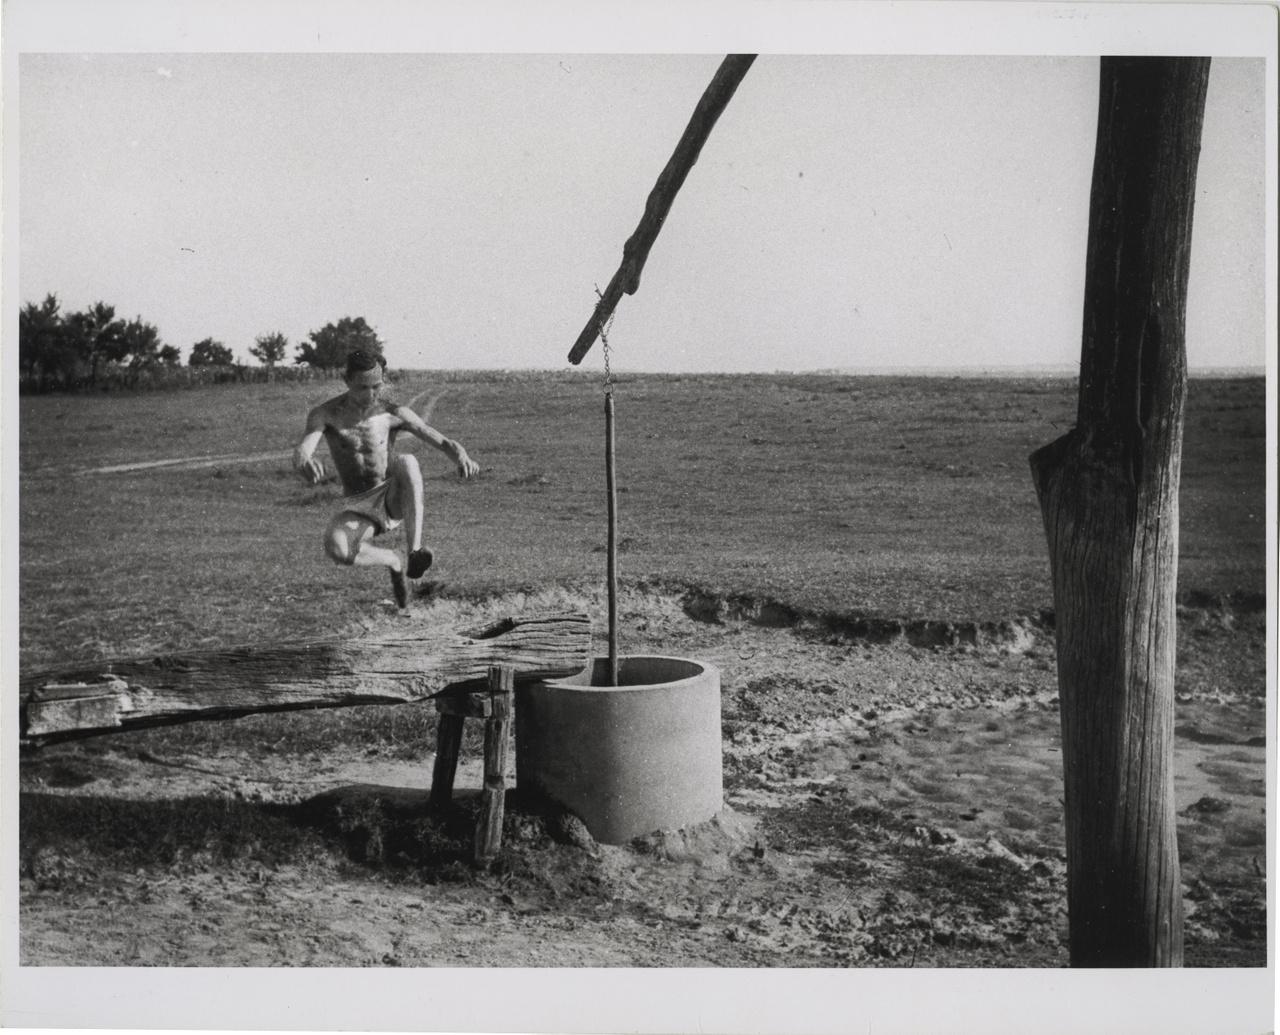 André Kertész átugorja az itatóvályút, Szigetbecse, 1923. július 15.